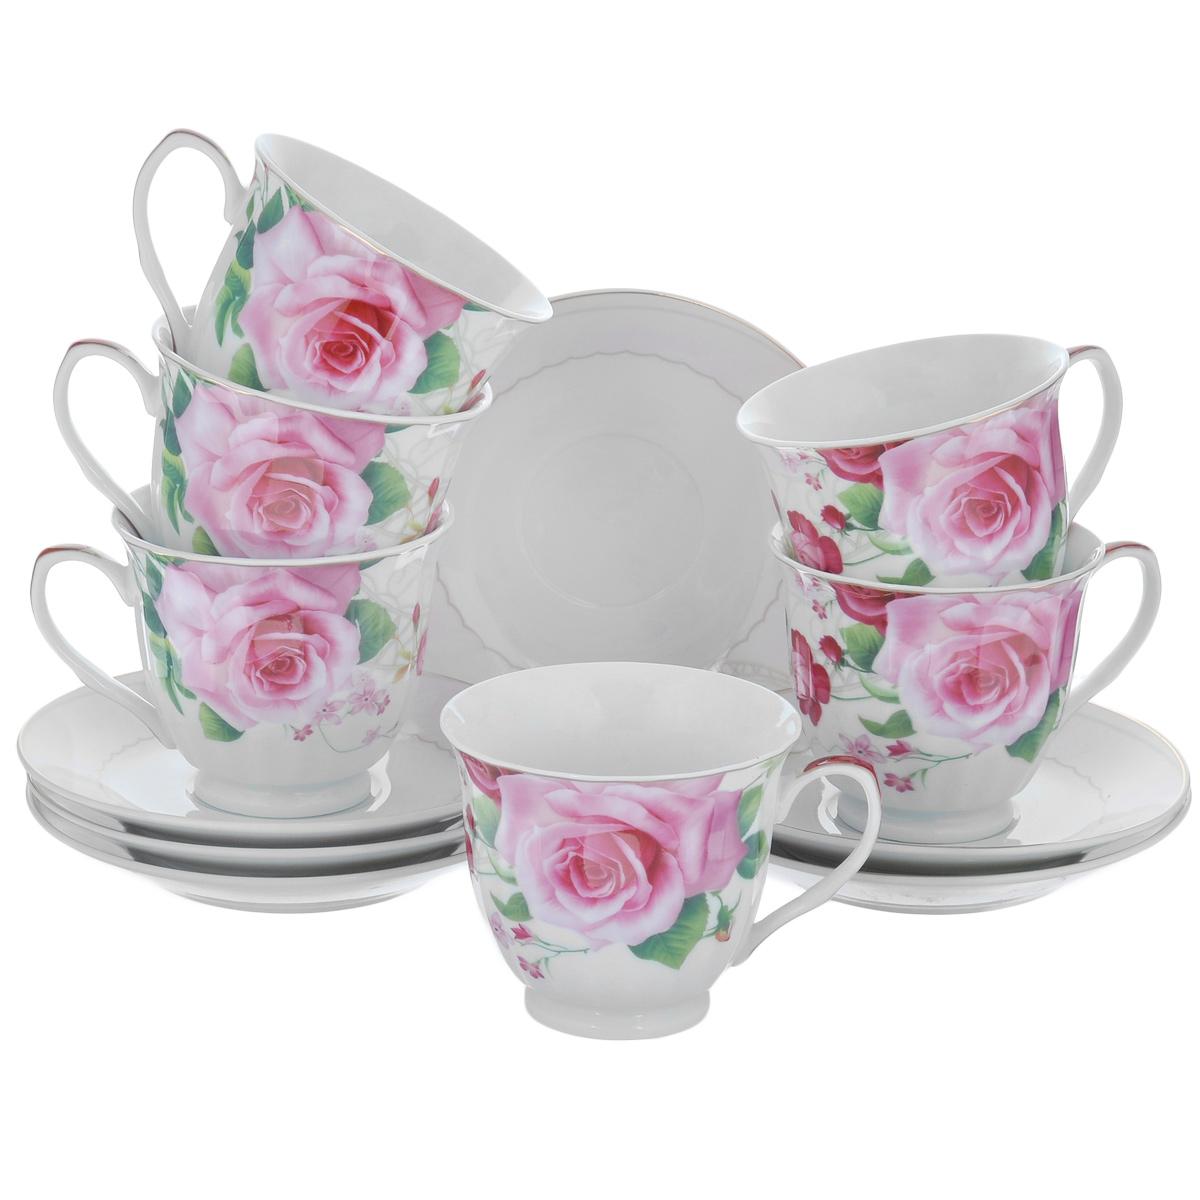 Набор посуды Нежные розы, 12 предметов3758Набор посуды состоит из 6 блюдец и 6 чашек. Изделия выполнены из высококачественного фарфора и декорированы каймой по краю и изображением роз. Этот набор эффектно украсит стол, а также прекрасно подойдет для торжественных случаев. Красочность оформления придется по вкусу и ценителям классики, и тем, кто предпочитает утонченность и изящность. Набор упакован в подарочную упаковку и станет отличным подарком для родных и близких. Диаметр блюдца: 14 см. Диаметр чашки (по верхнему краю): 8,5 см. Высота чашки: 7,5 см. Объем чашки: 230 мл.